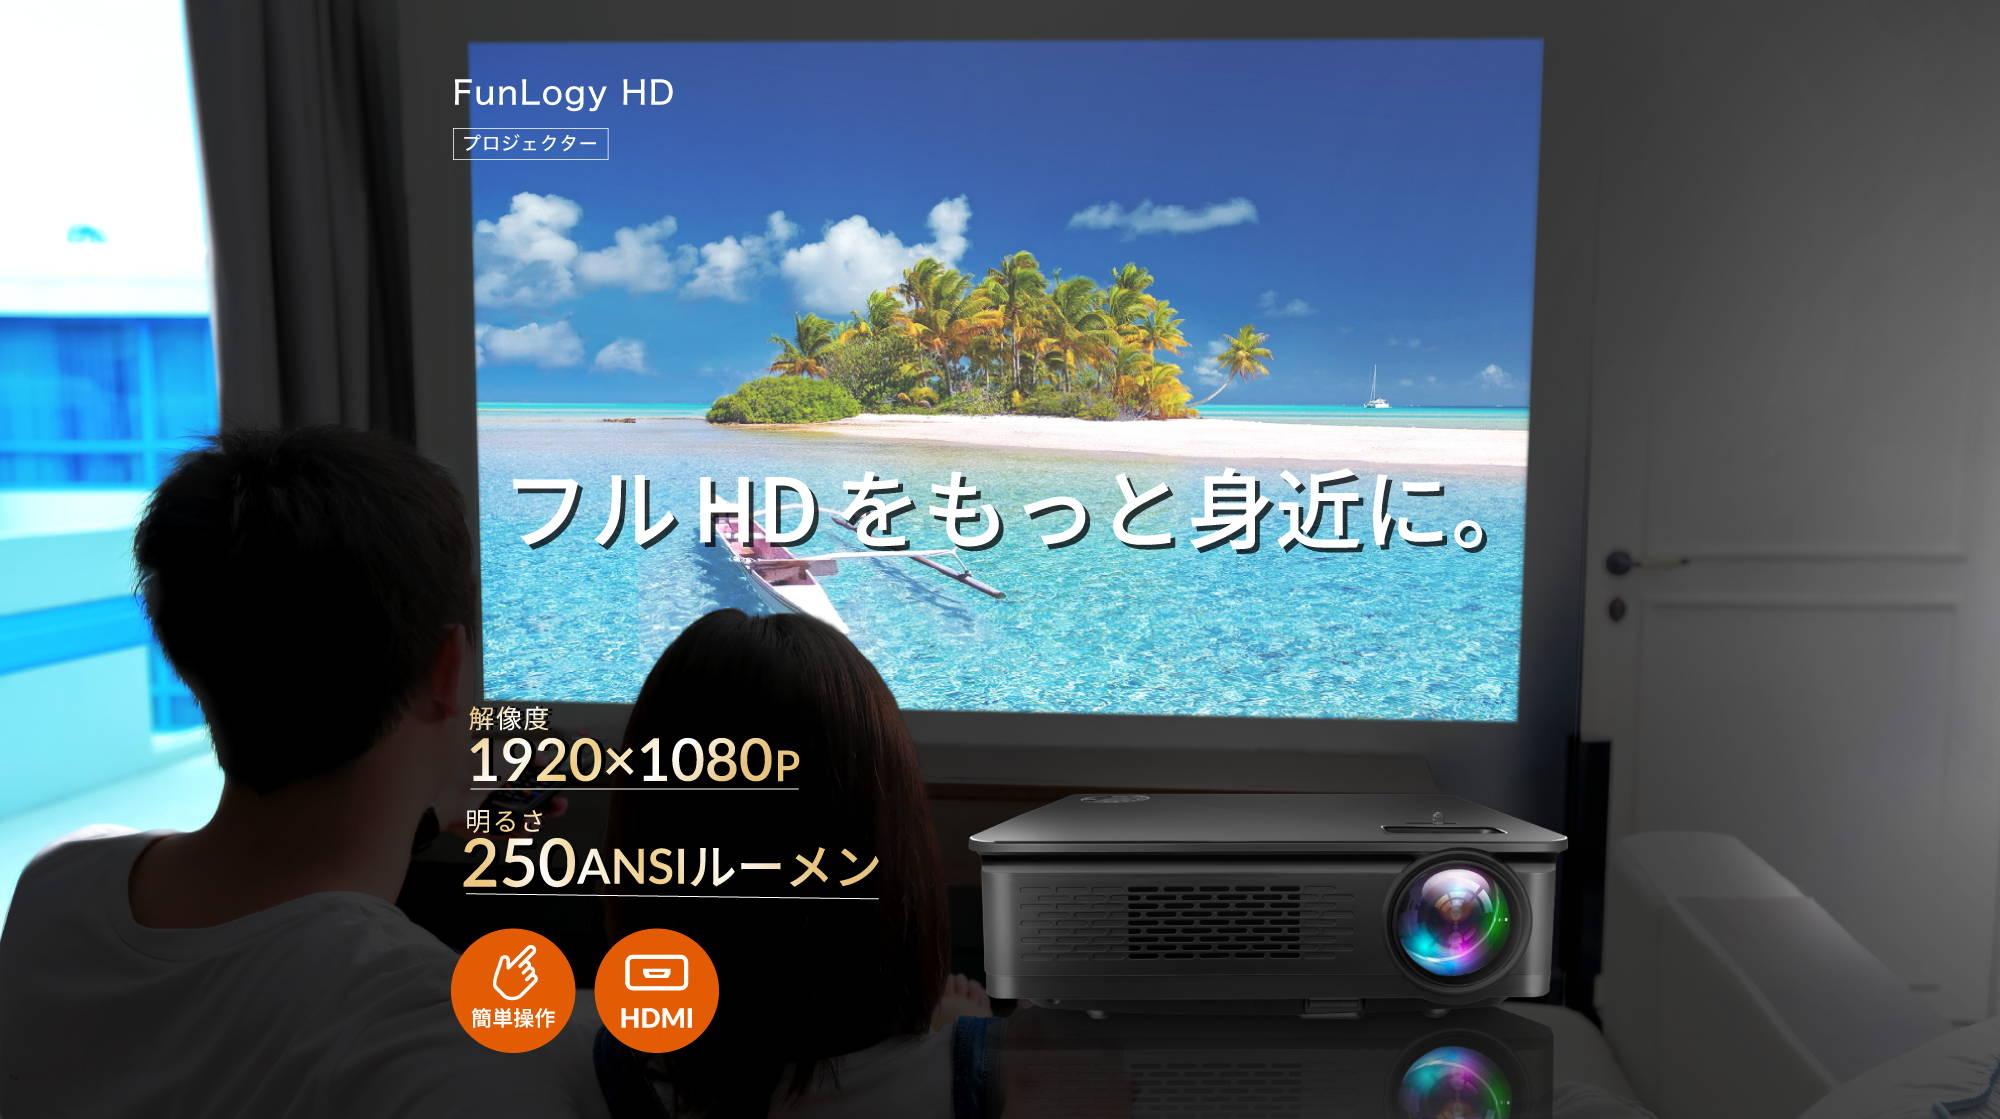 2万円台のフルHDプロジェクター FunLogy HDで海の映像を楽しむ家族